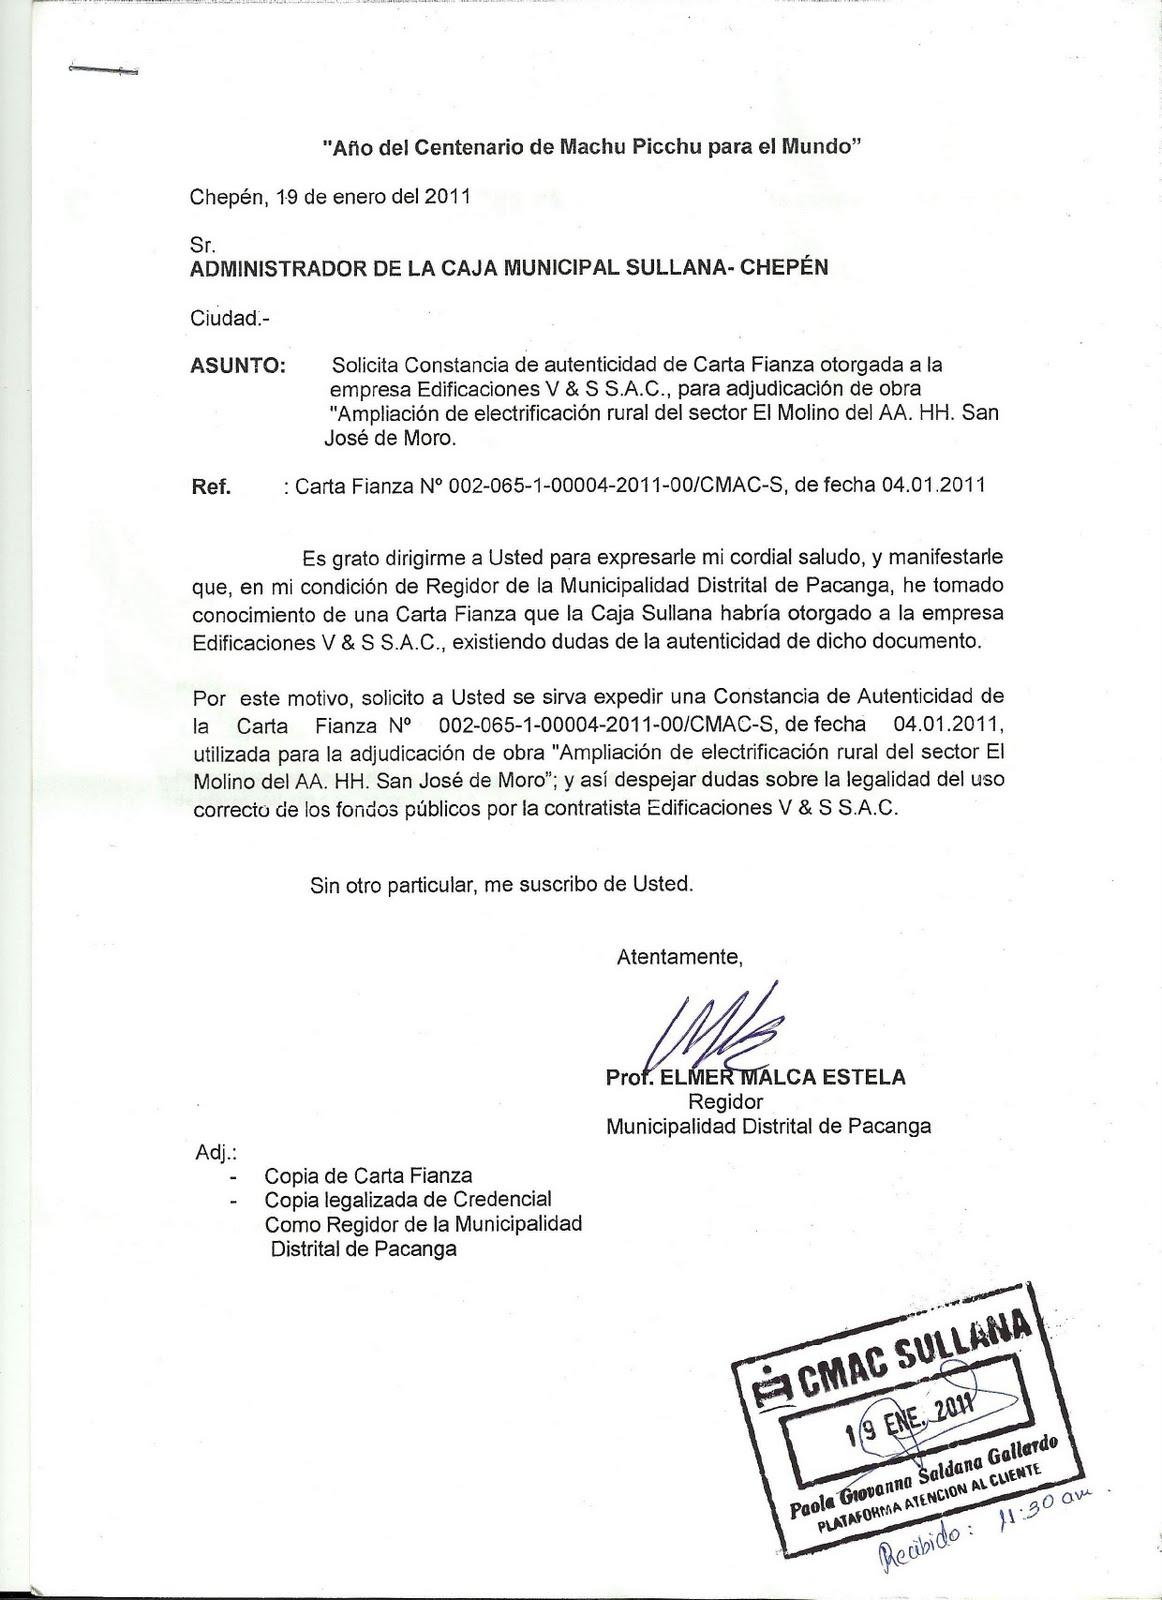 Elmer Malca Estela - REGIDOR: Solicitud a la Caja Sullana sobre ...